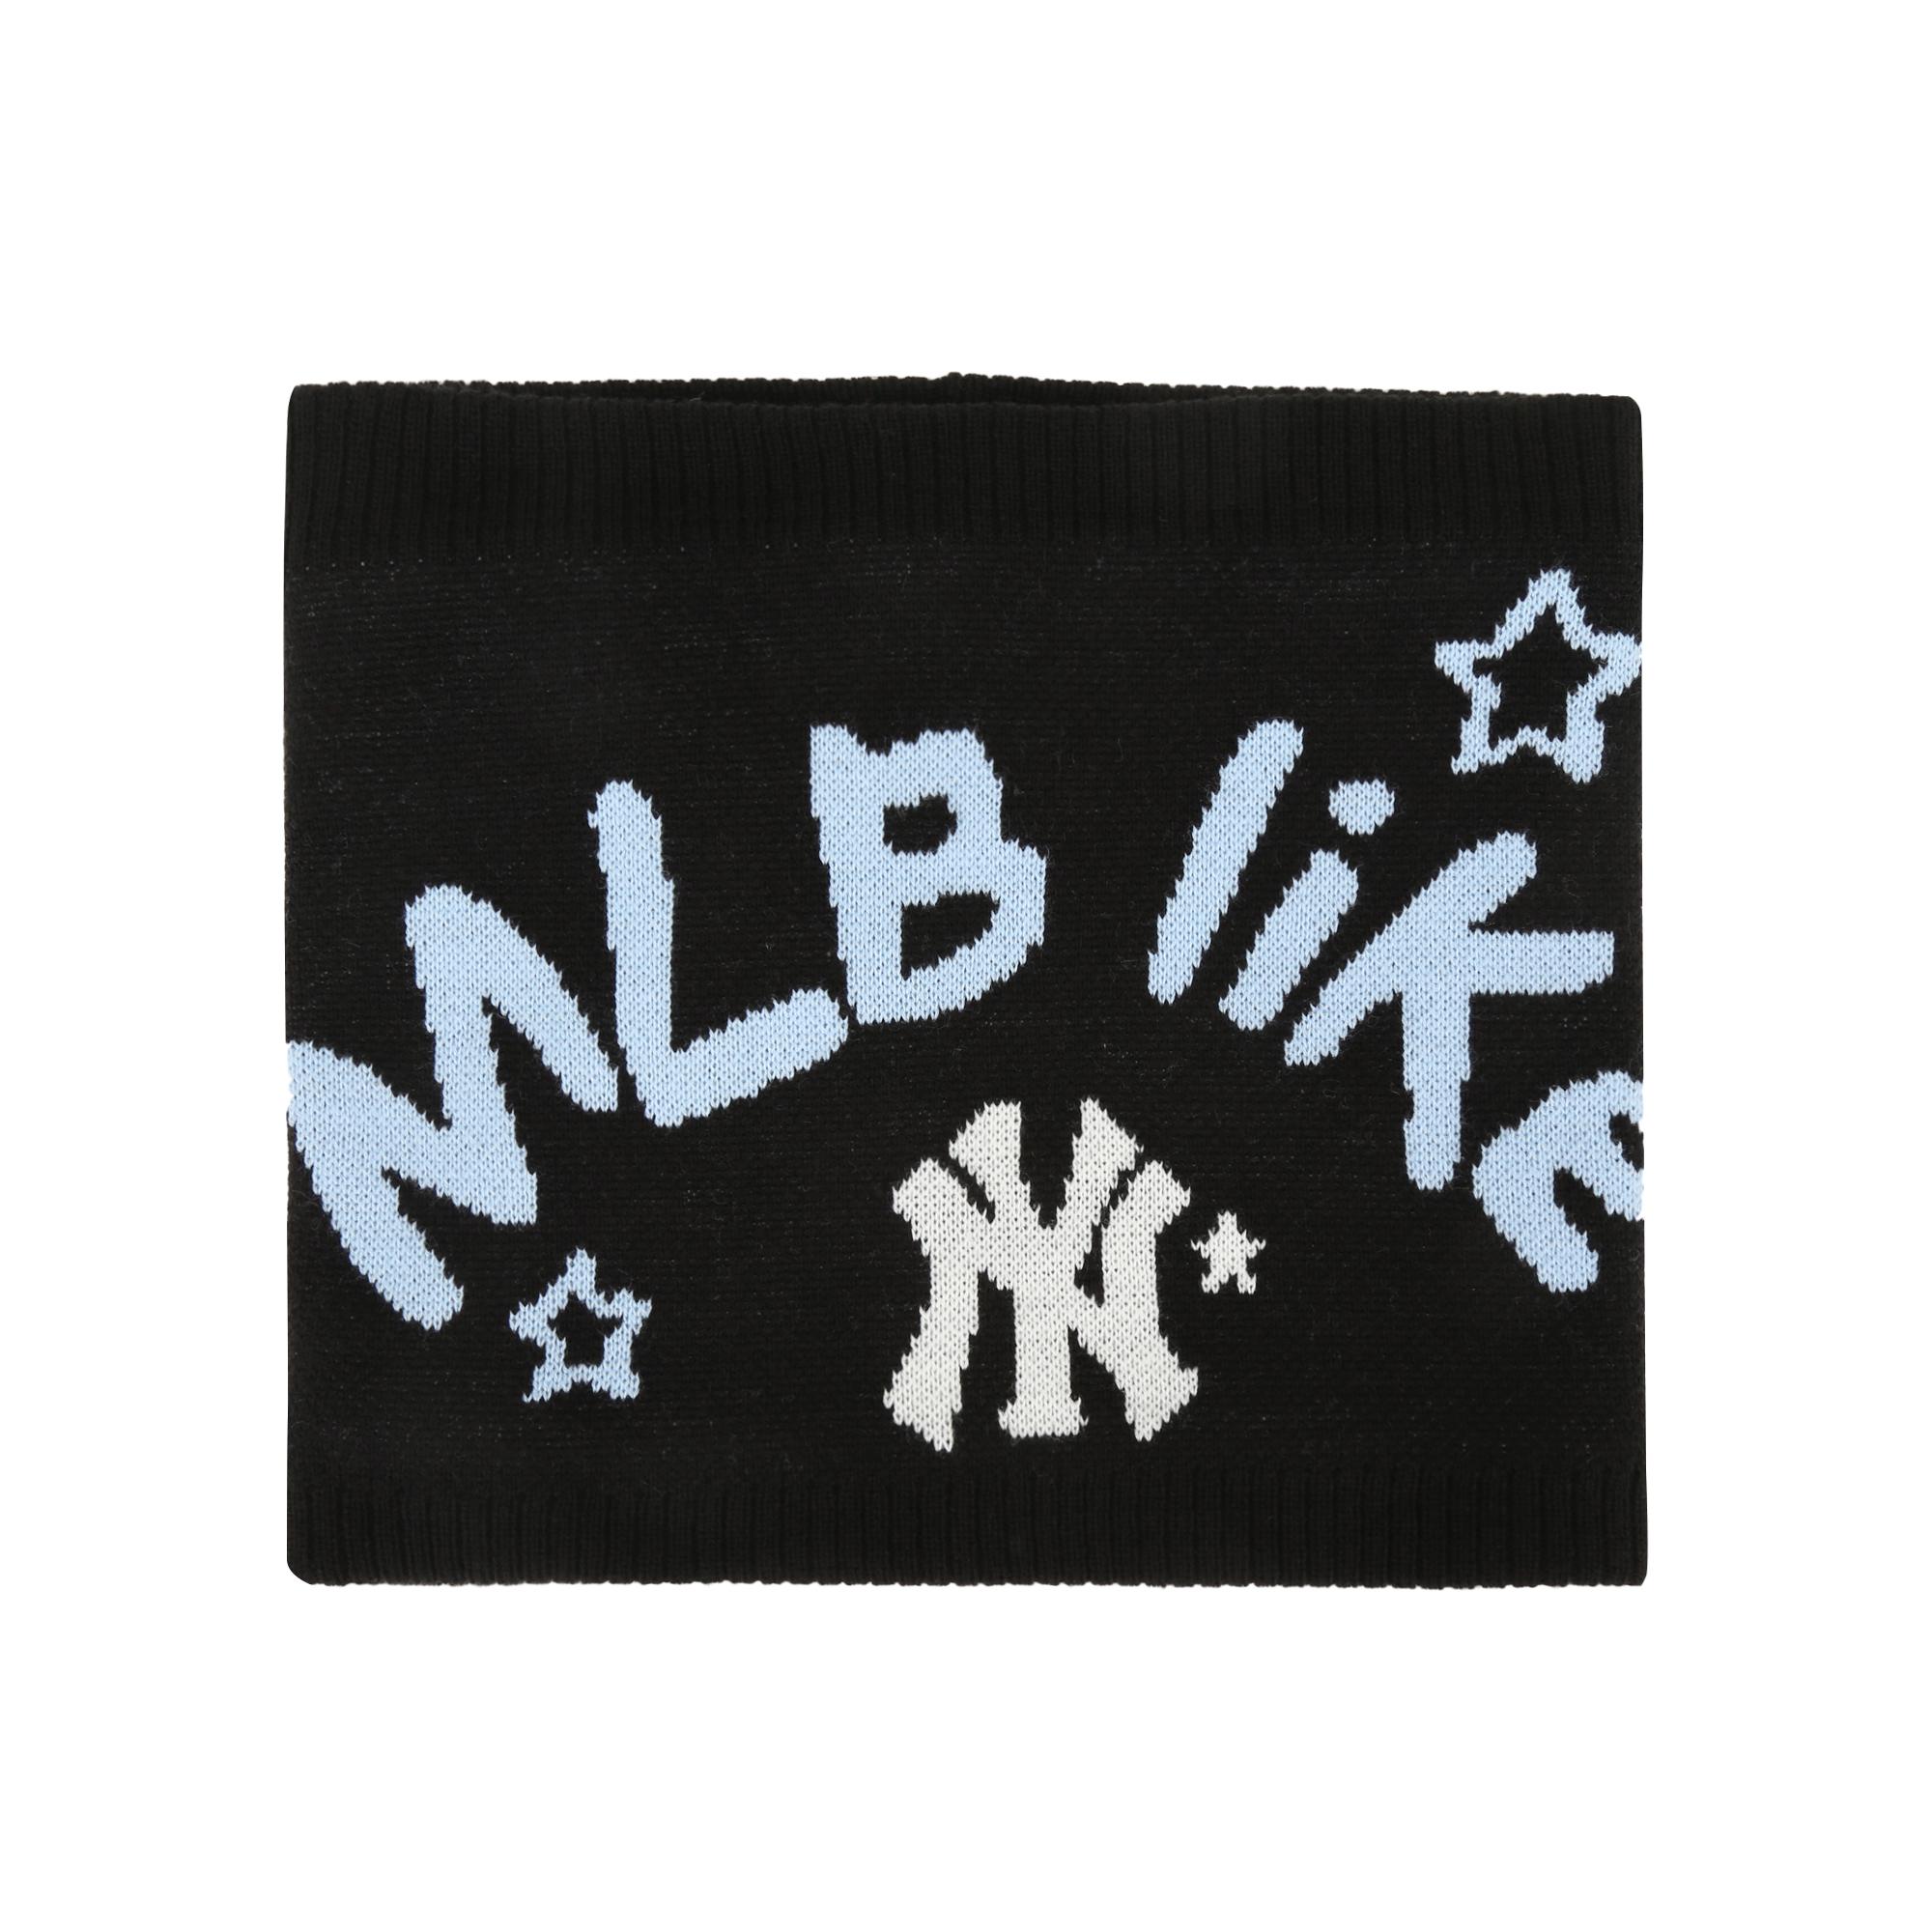 MLB LIKE 탁텔사 JQD 넥워머 뉴욕양키스